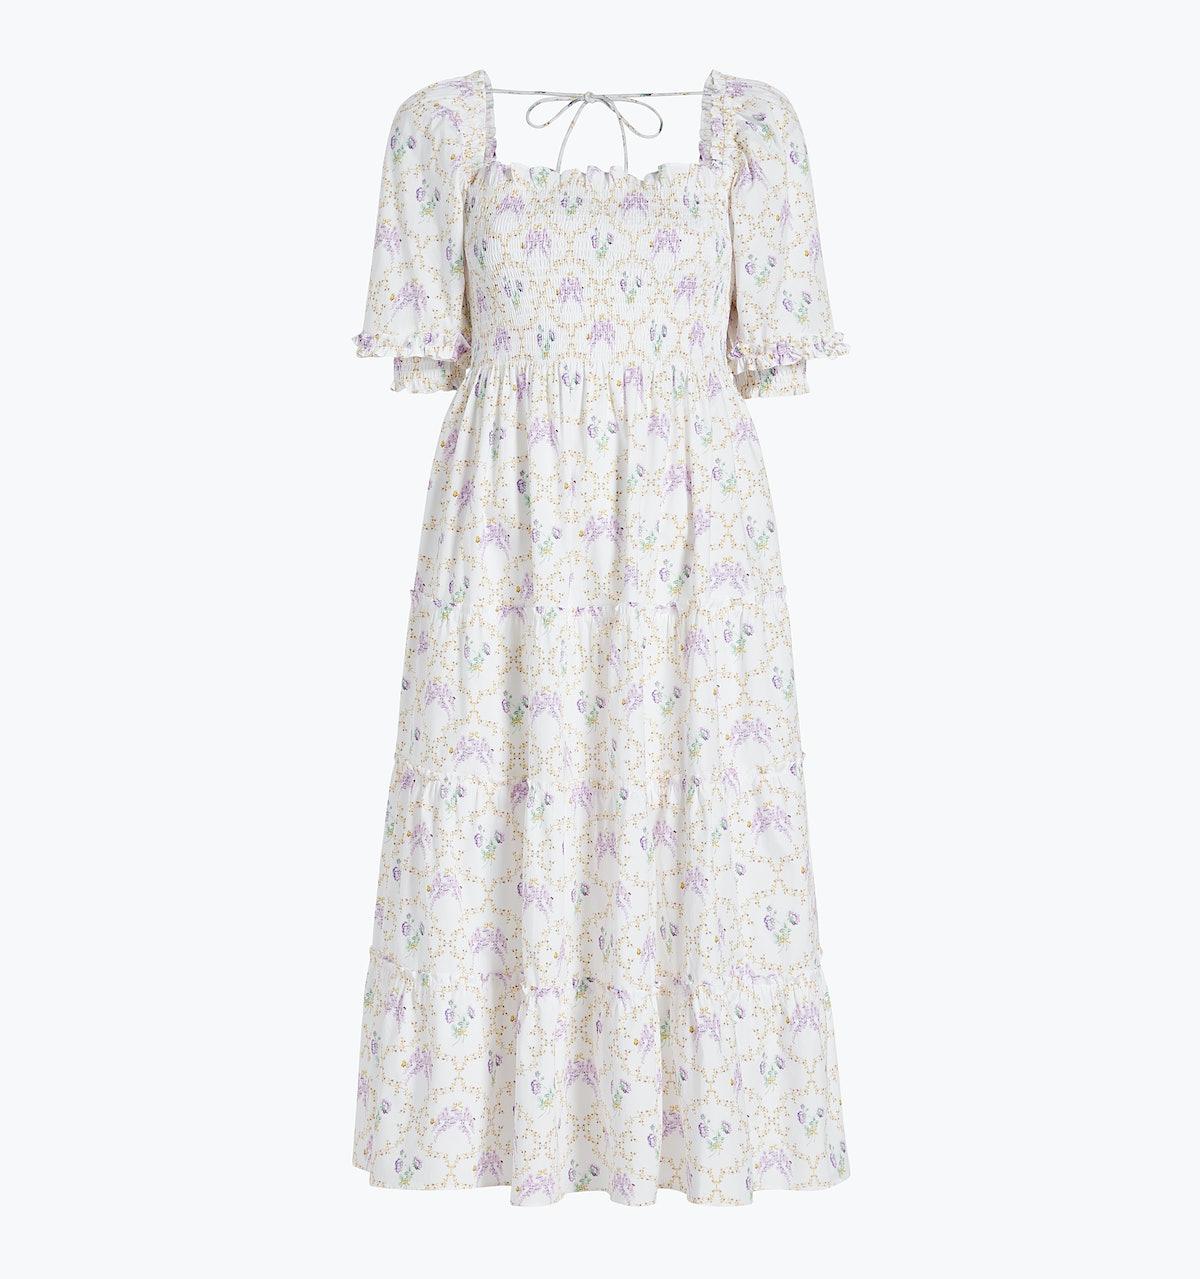 Bridgerton x Phenomenal x Hill House Home The Nesli Nap Dress